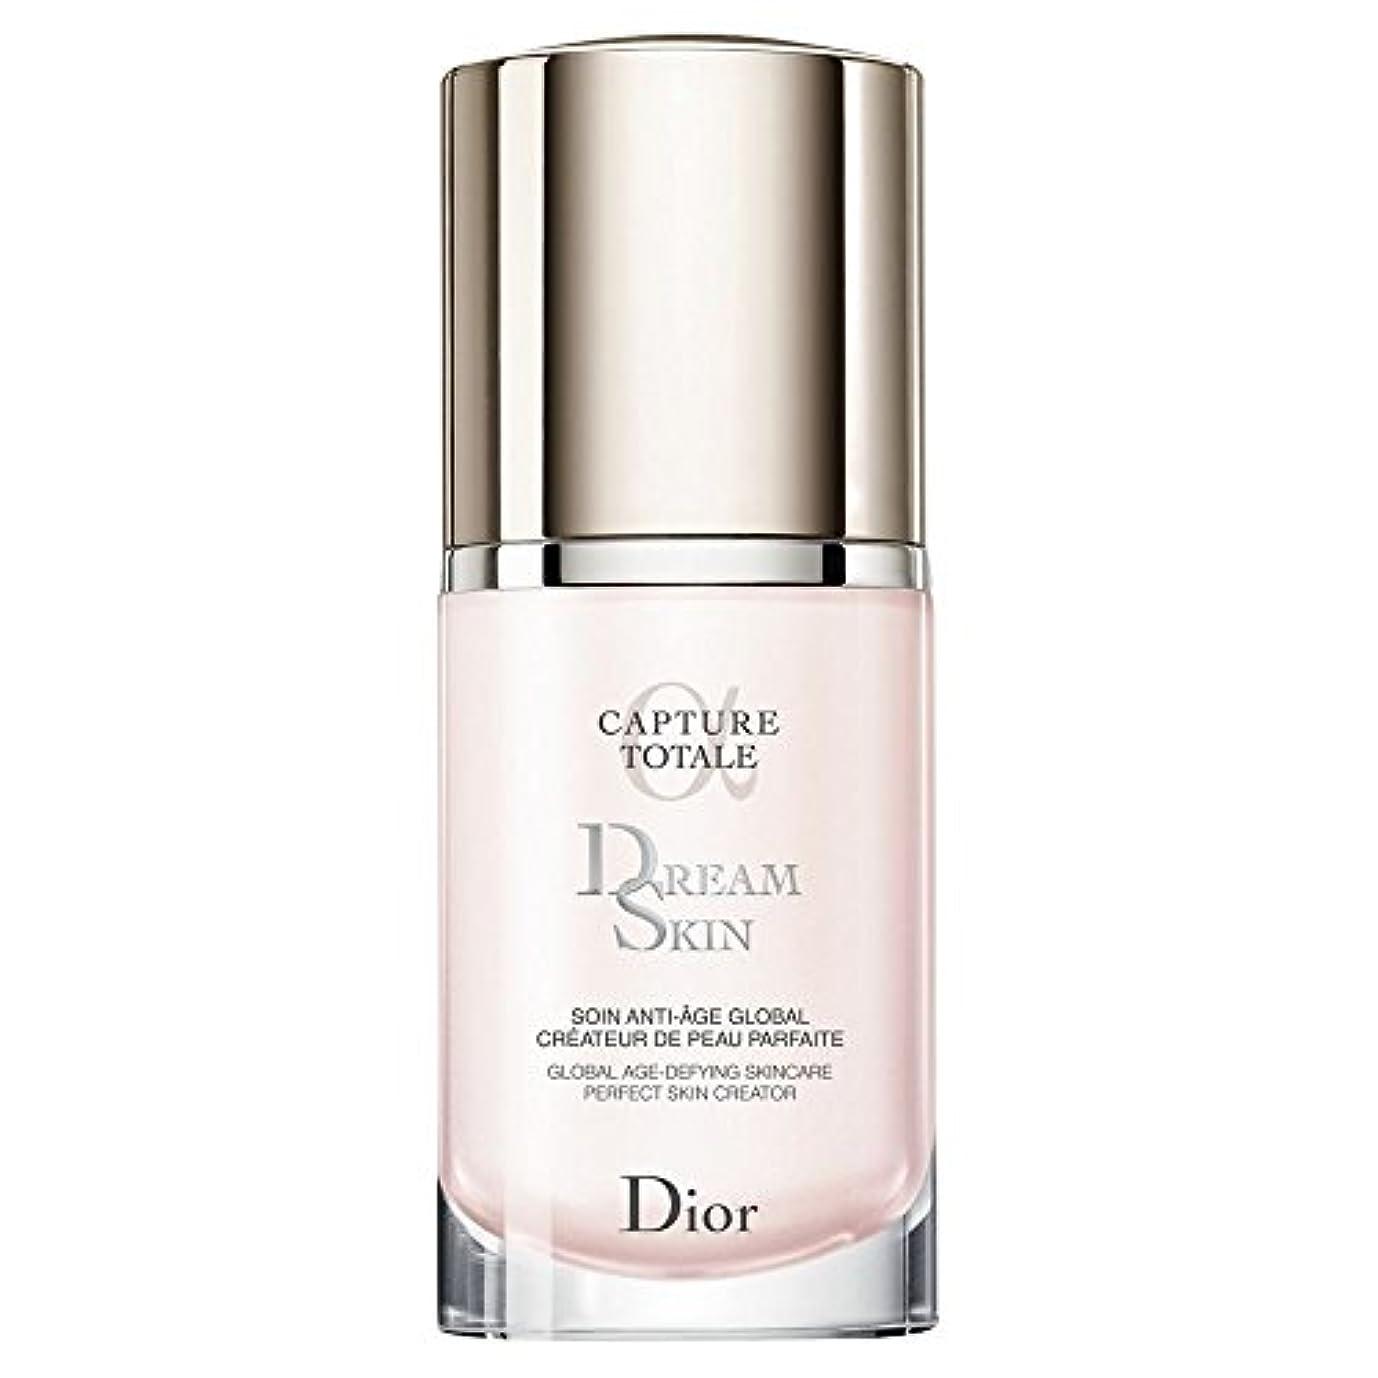 乱用群集甘くする[Dior] ディオールカプチュールトータルのDreamskin 30ミリリットル - Dior Capture Totale Dreamskin 30ml [並行輸入品]